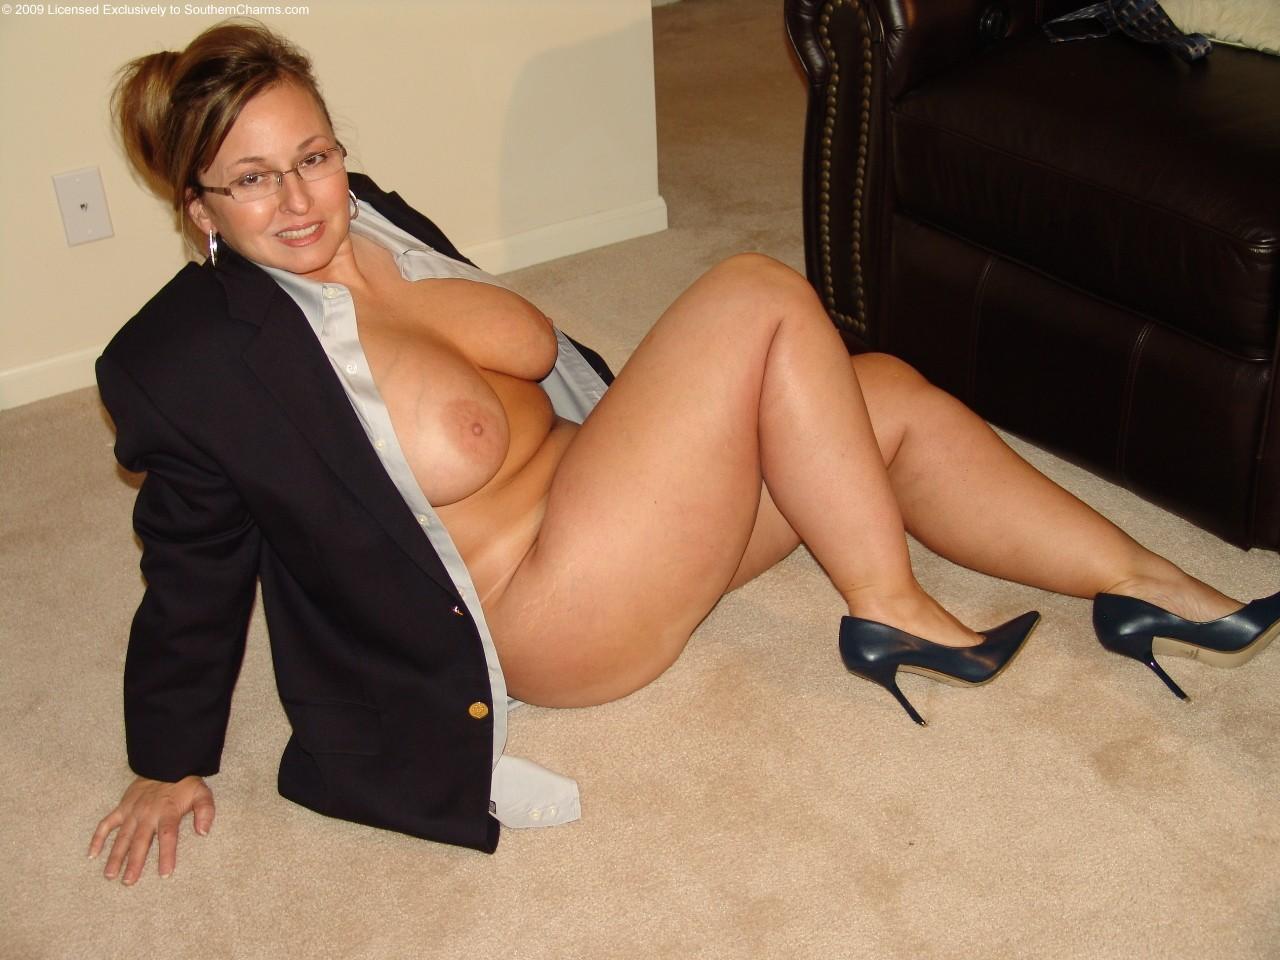 Сексуальны формы мамочки, Сочные взрослые женщины и похотливые мамочки 6 фотография